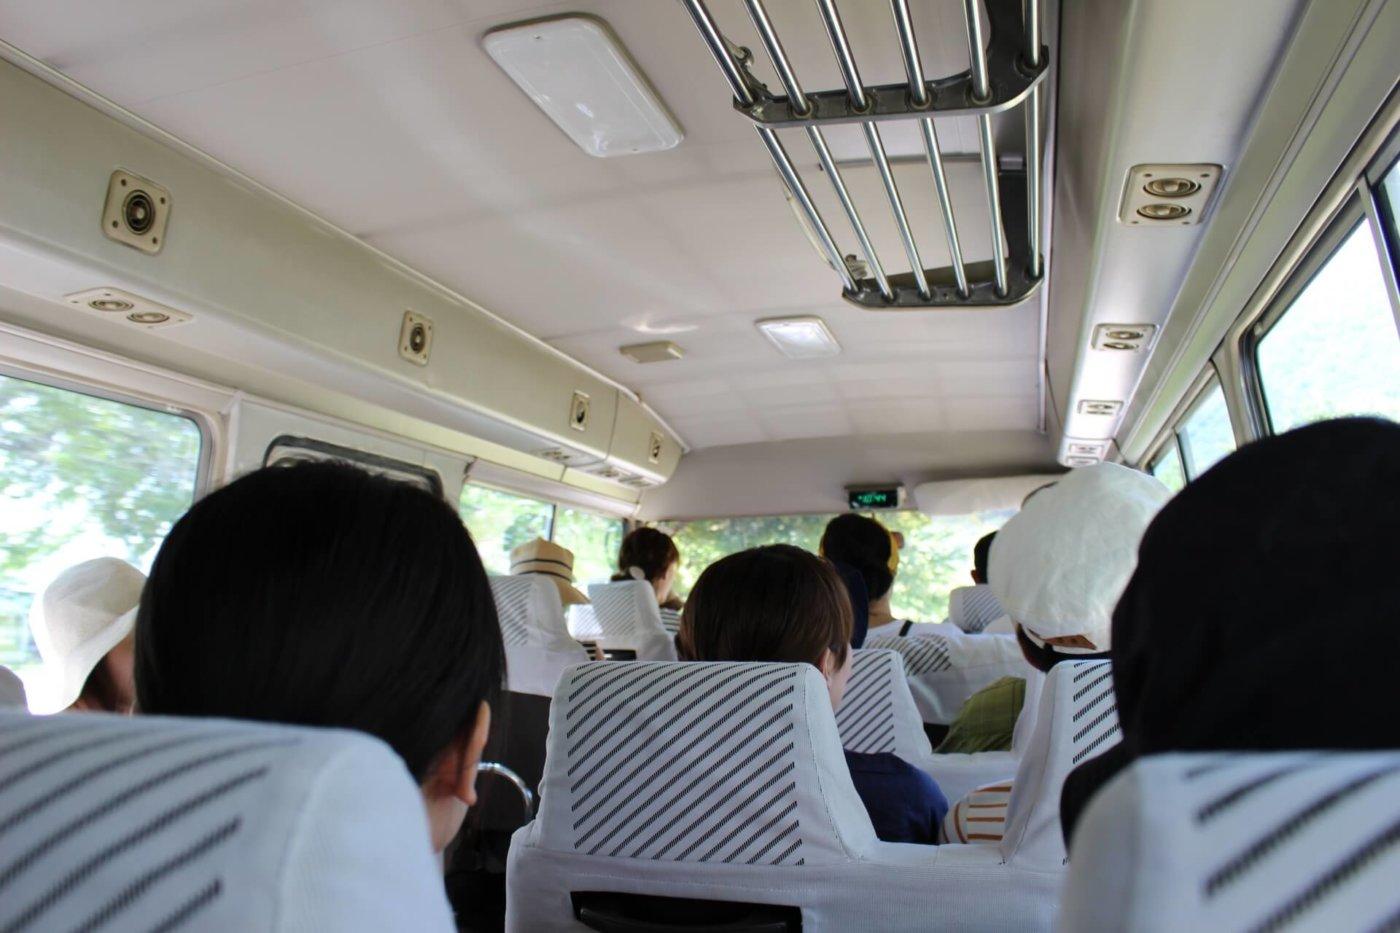 社員旅行の幹事を任された!行きのバスで軽く挨拶しよう!